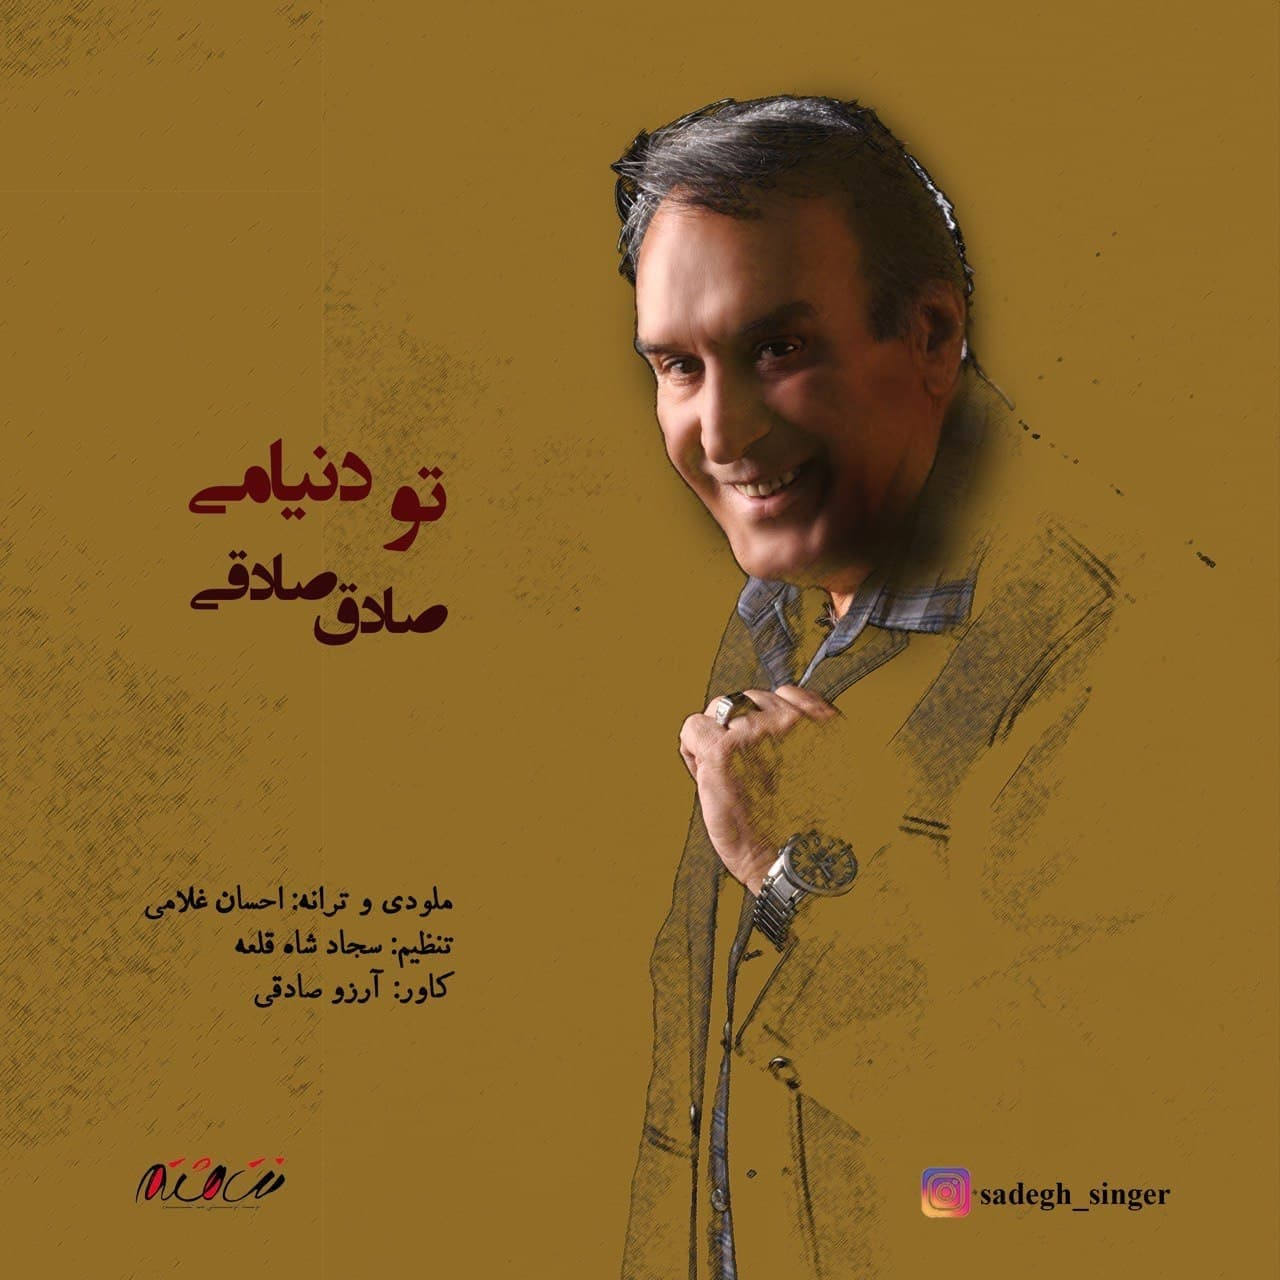 دانلود آهنگ محمد کلانی تو دنیامی